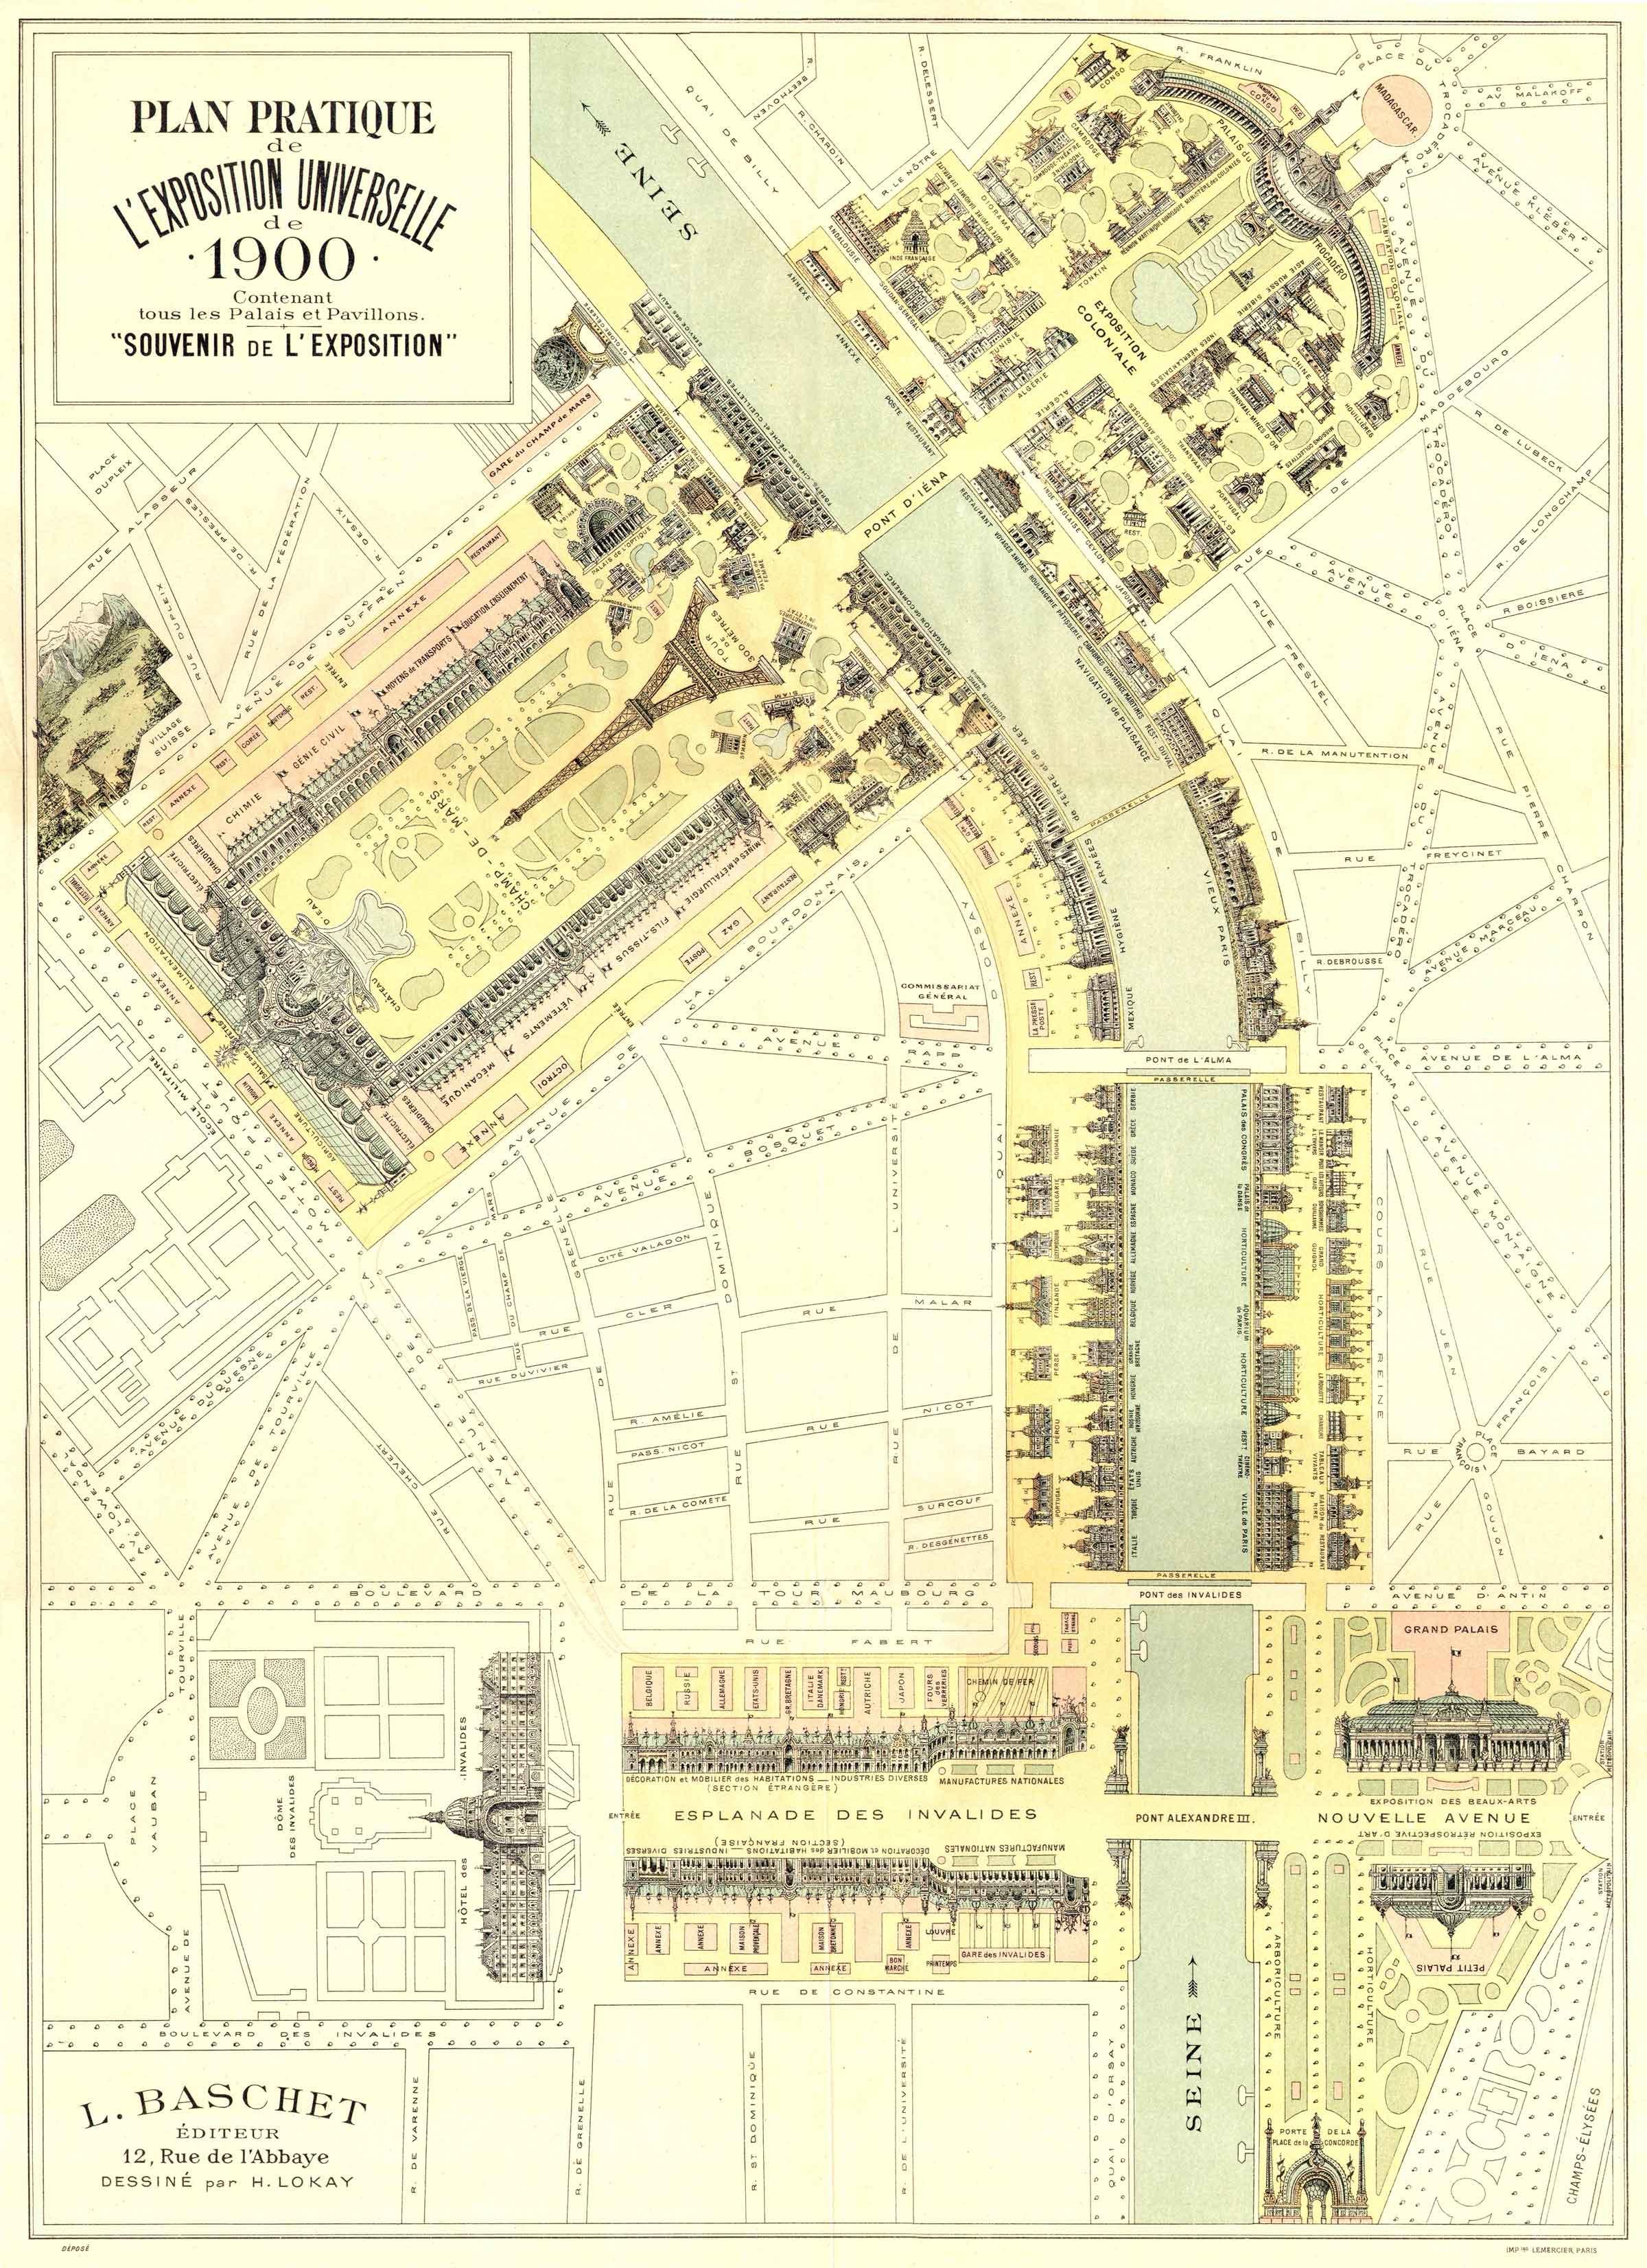 plan de l'exposition universelle de 1900